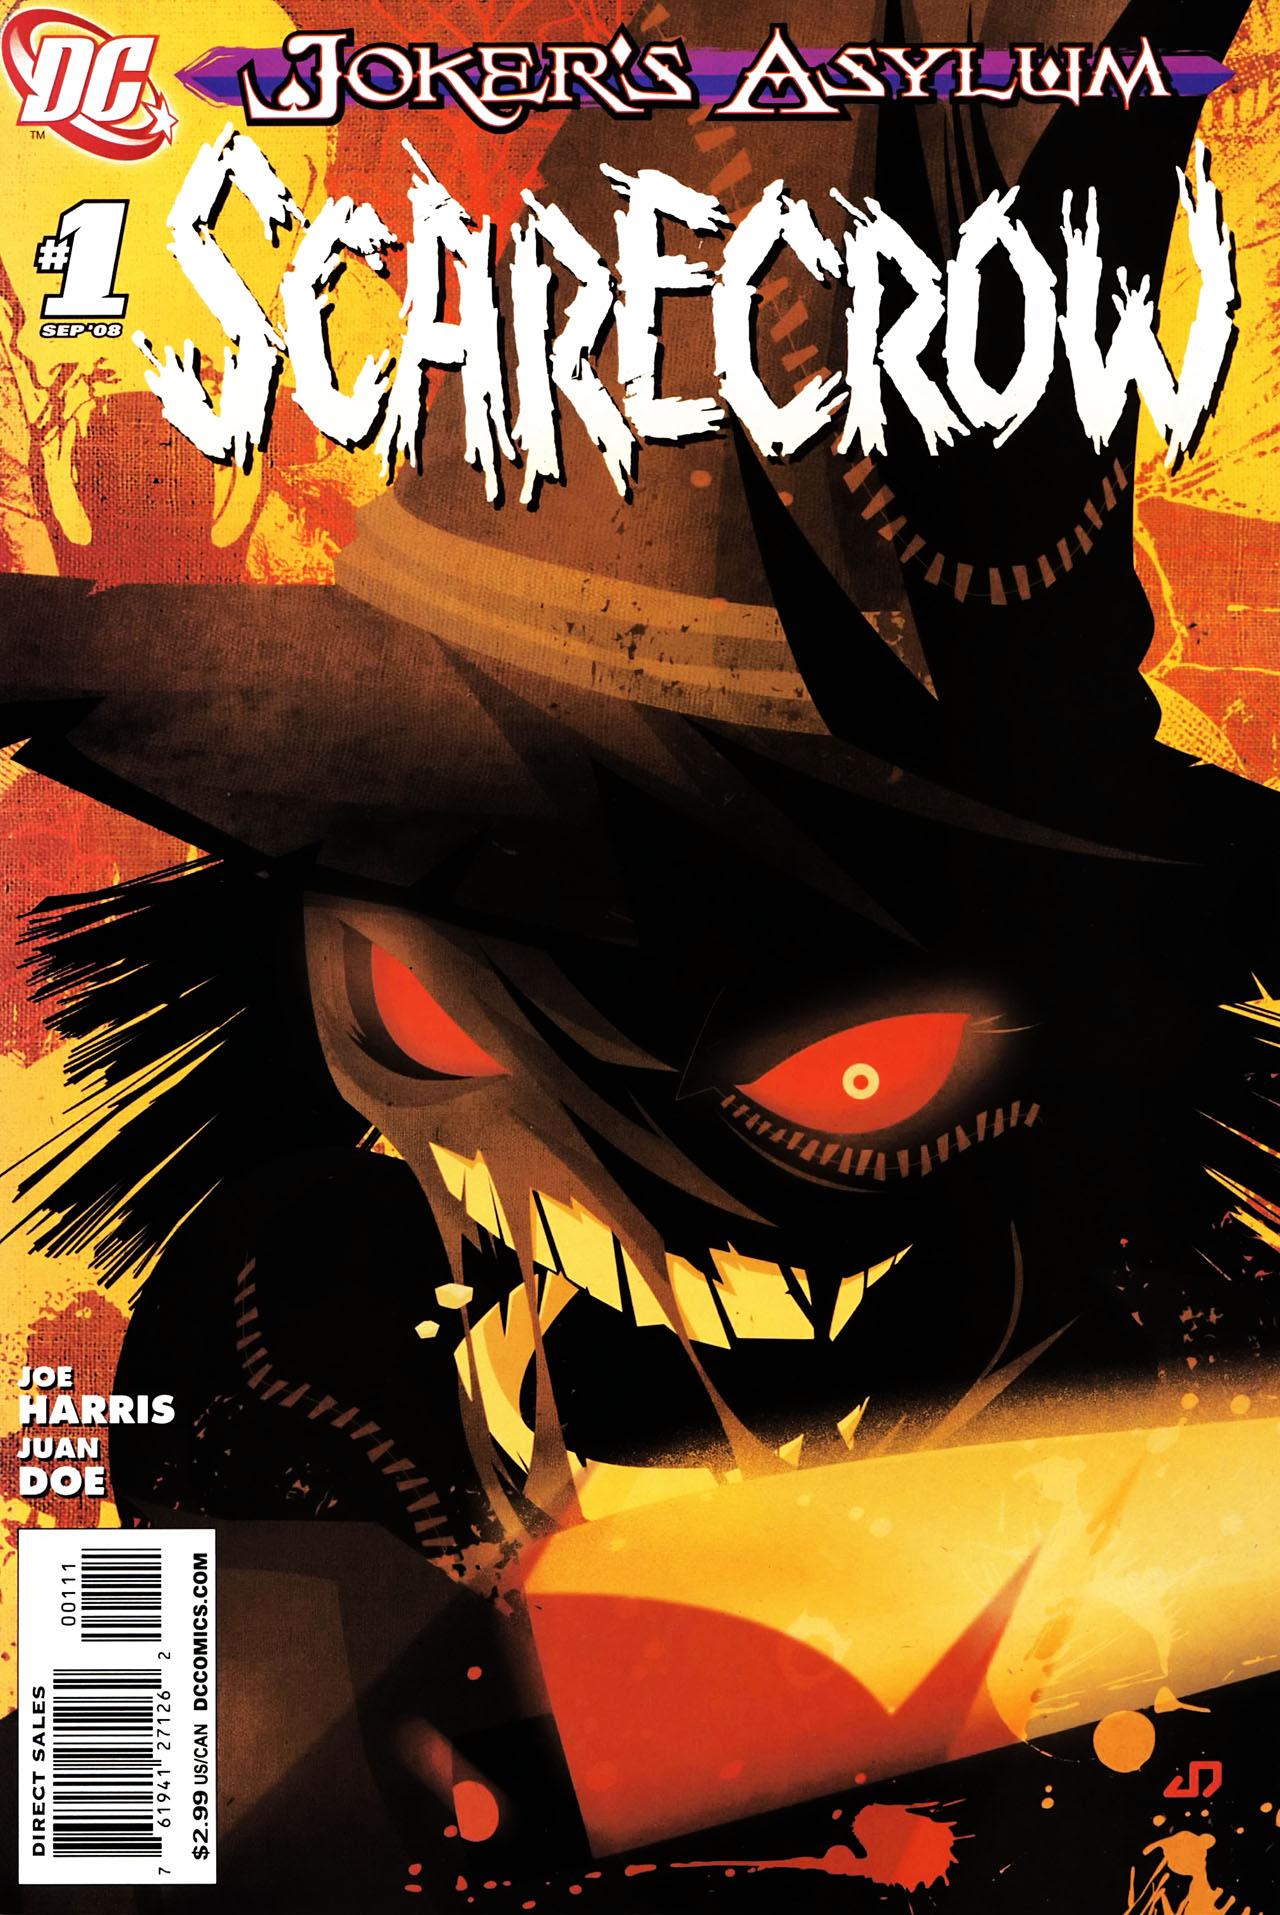 Joker's Asylum: Scarecrow Vol.1 #1